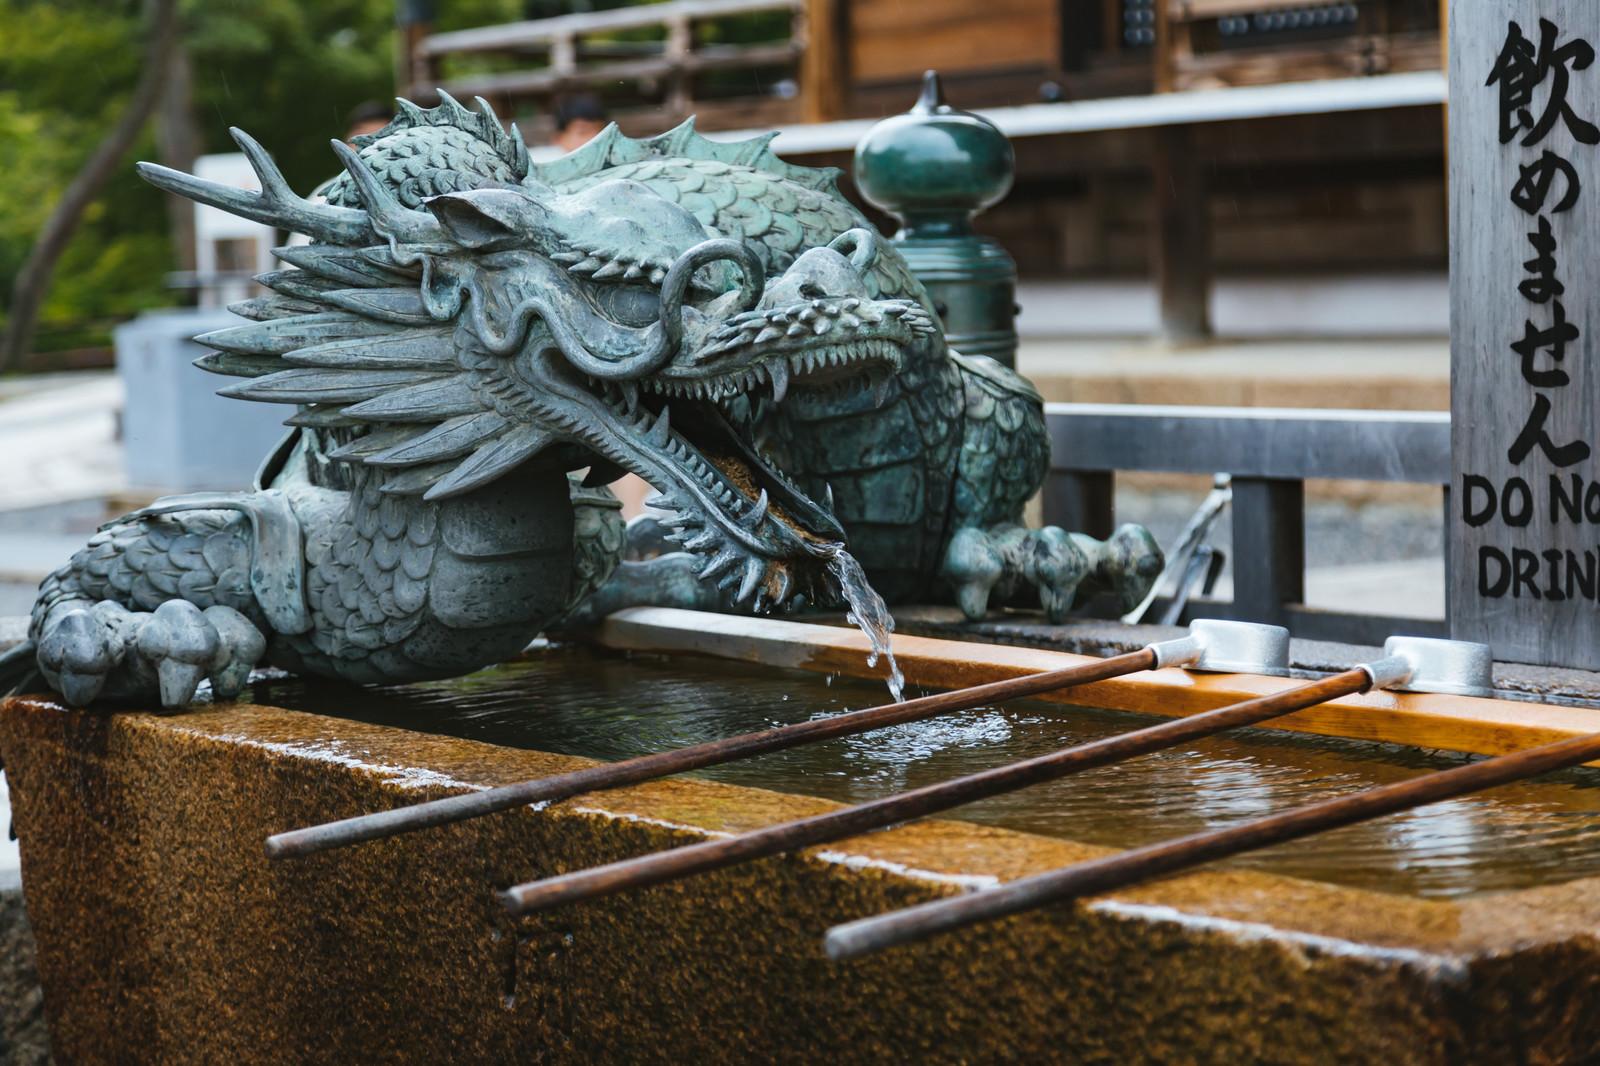 中国の水道水って綺麗なの?在住日本人がシャワーをしてみた結果